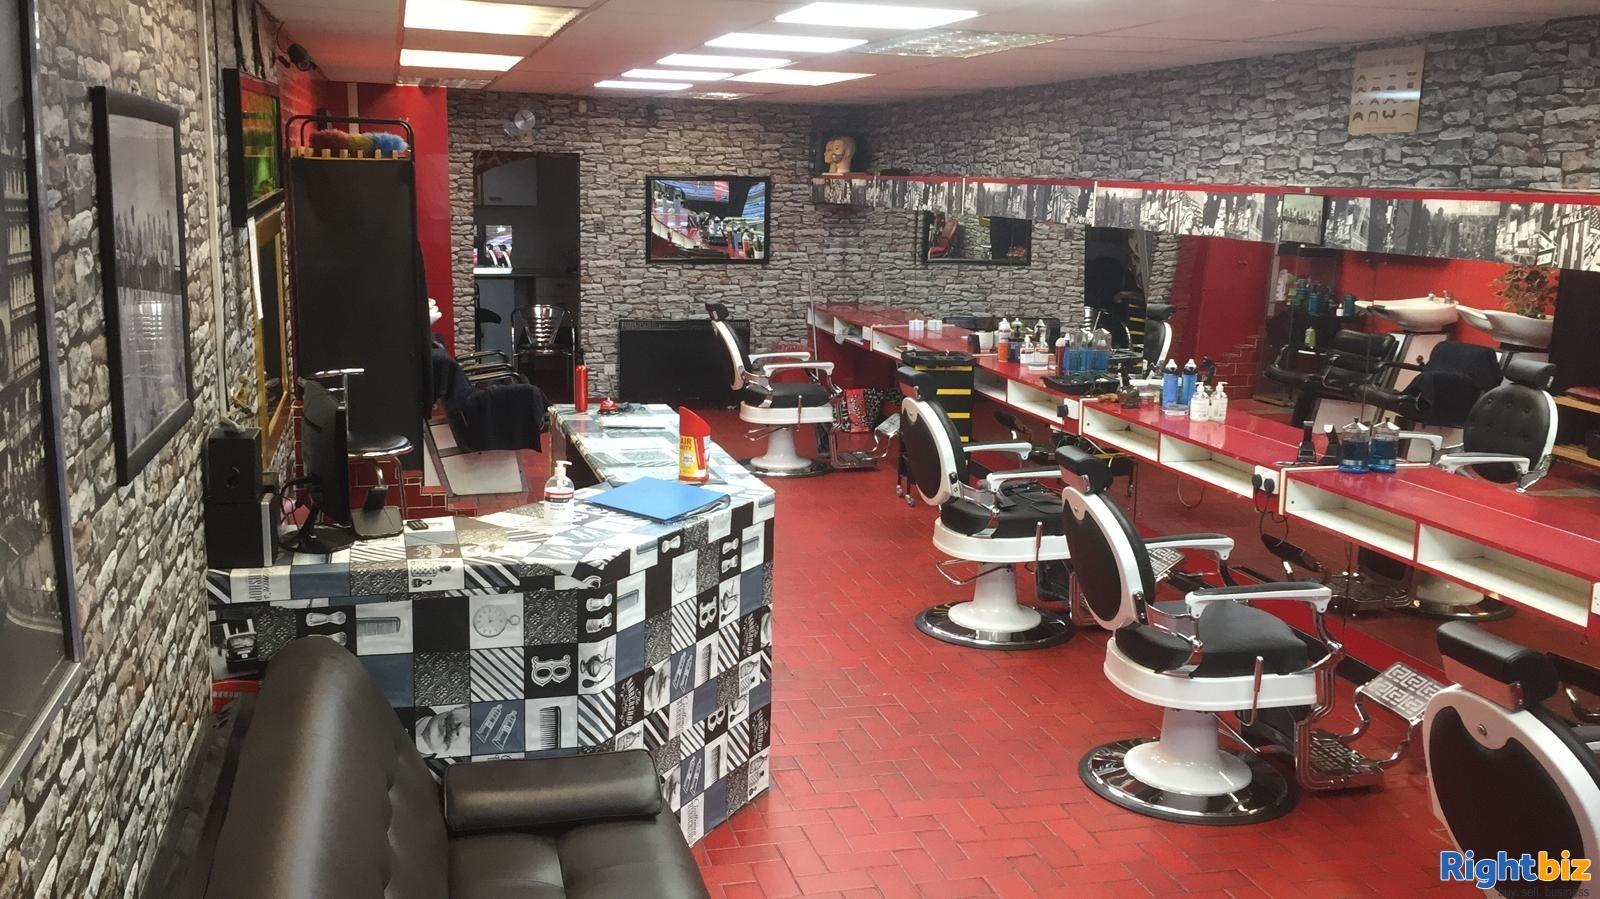 Well Established Barber Shop Business For Sale in Birmingham - Image 6